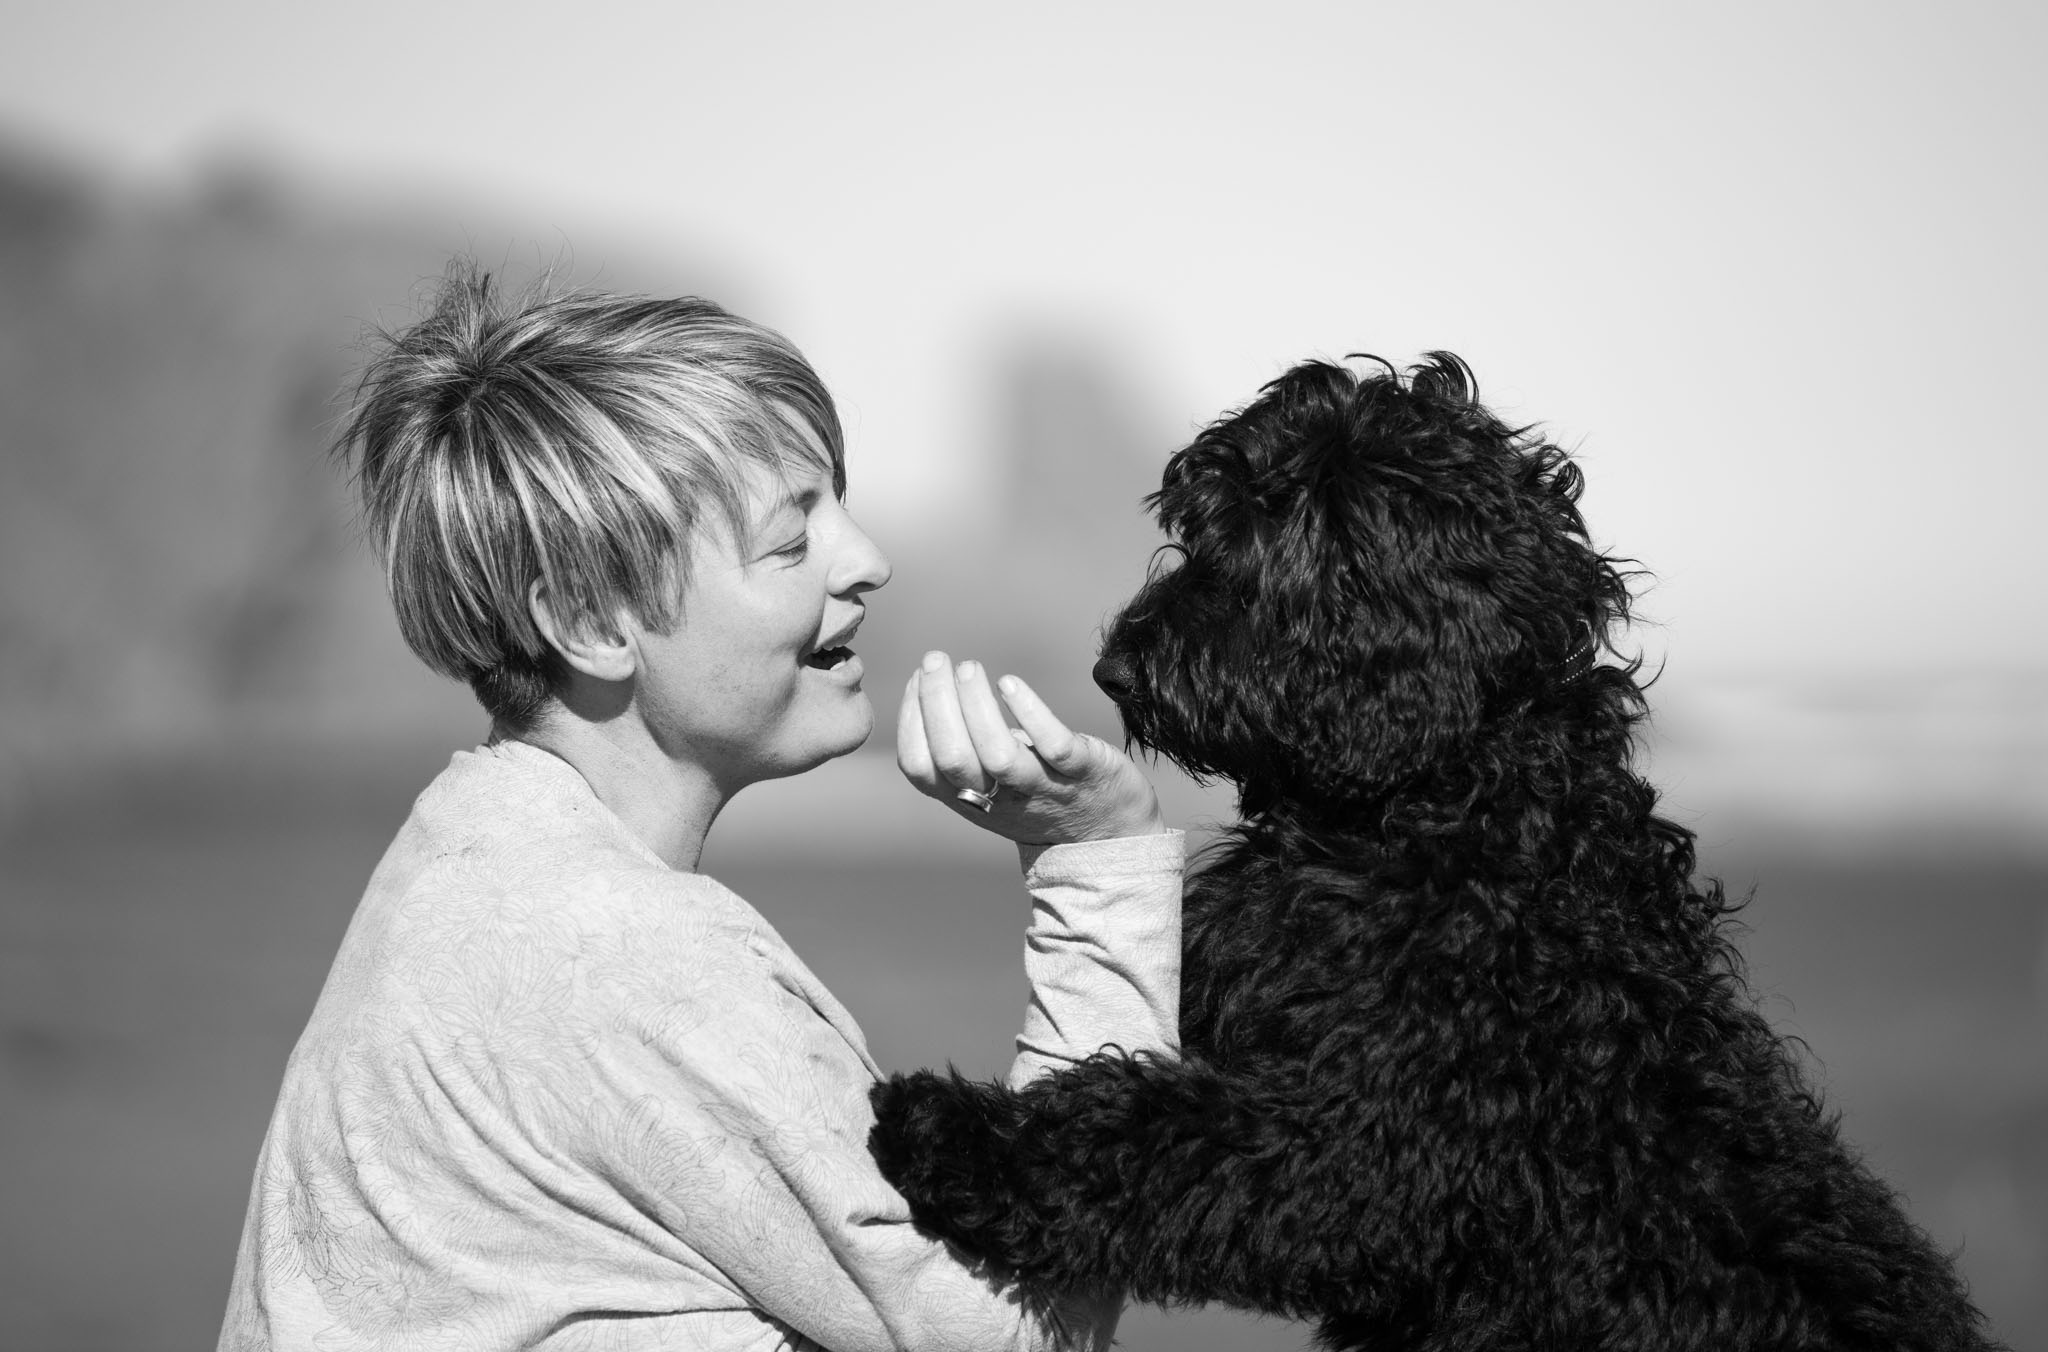 michelle&dog-1.jpg